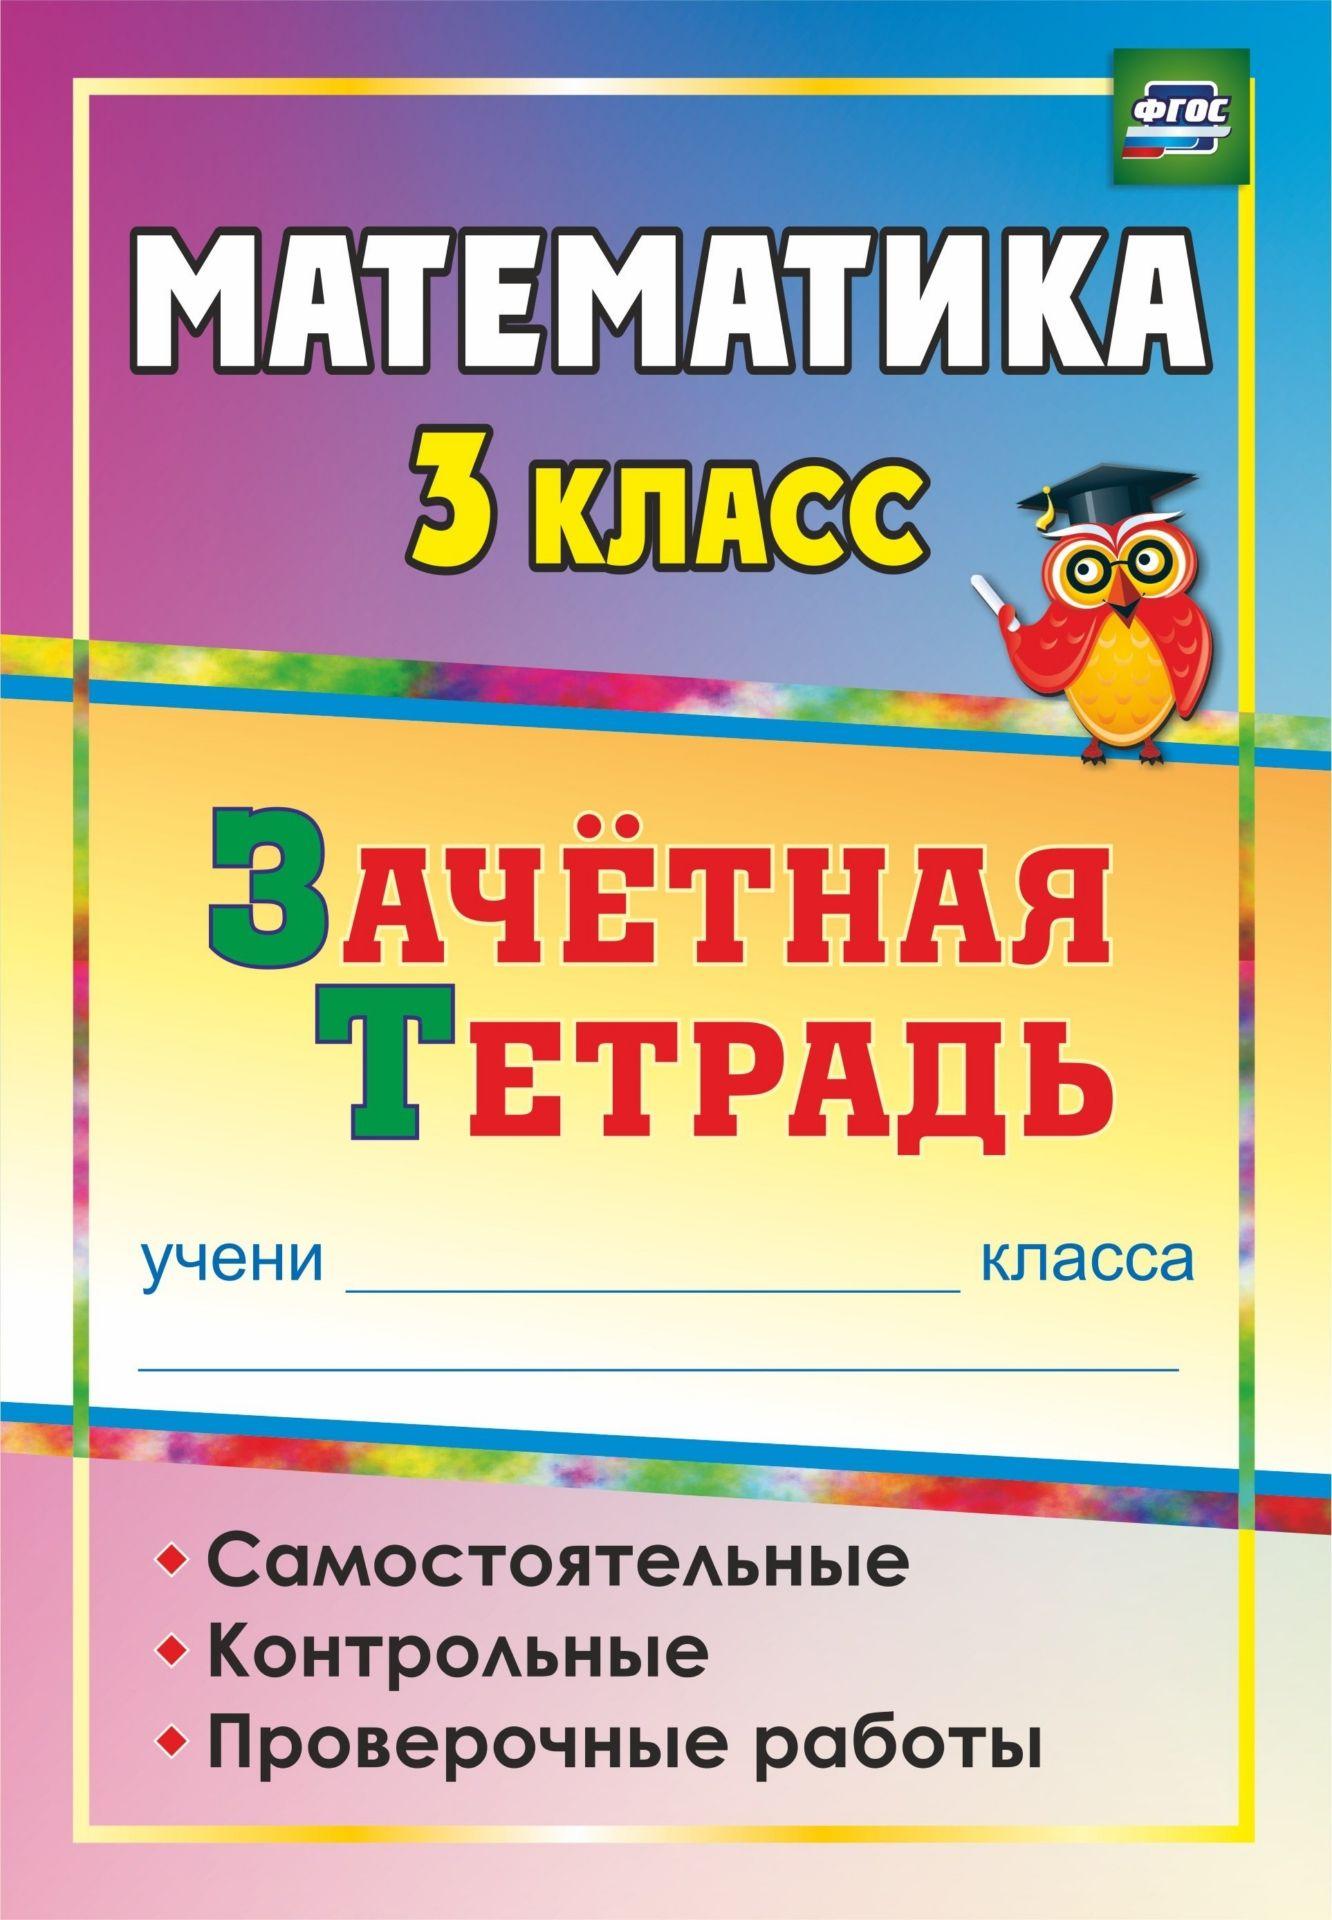 Математика. 3 класс: самостоятельные, контрольные, проверочные работы: зачетная тетрадьПредметы<br>В пособии предлагаются оптимальные формы проверки знаний, умений, навыков учащихся по математике в 3 классе, составленные в соответствии с ФГОС начального общего образования и предназначенные для проведения в течение всего периода обучения на различных эт...<br><br>Авторы: др., Субботина О. В., Воронина М. М., Гугучкина А. А.<br>Год: 2017<br>Серия: Зачётная тетрадь<br>ISBN: 978-5-7057-2657-8, 978-5-7057-4143-4, 978-5-7057-5179-2<br>Высота: 235<br>Ширина: 162<br>Толщина: 7<br>Переплёт: мягкая, склейка